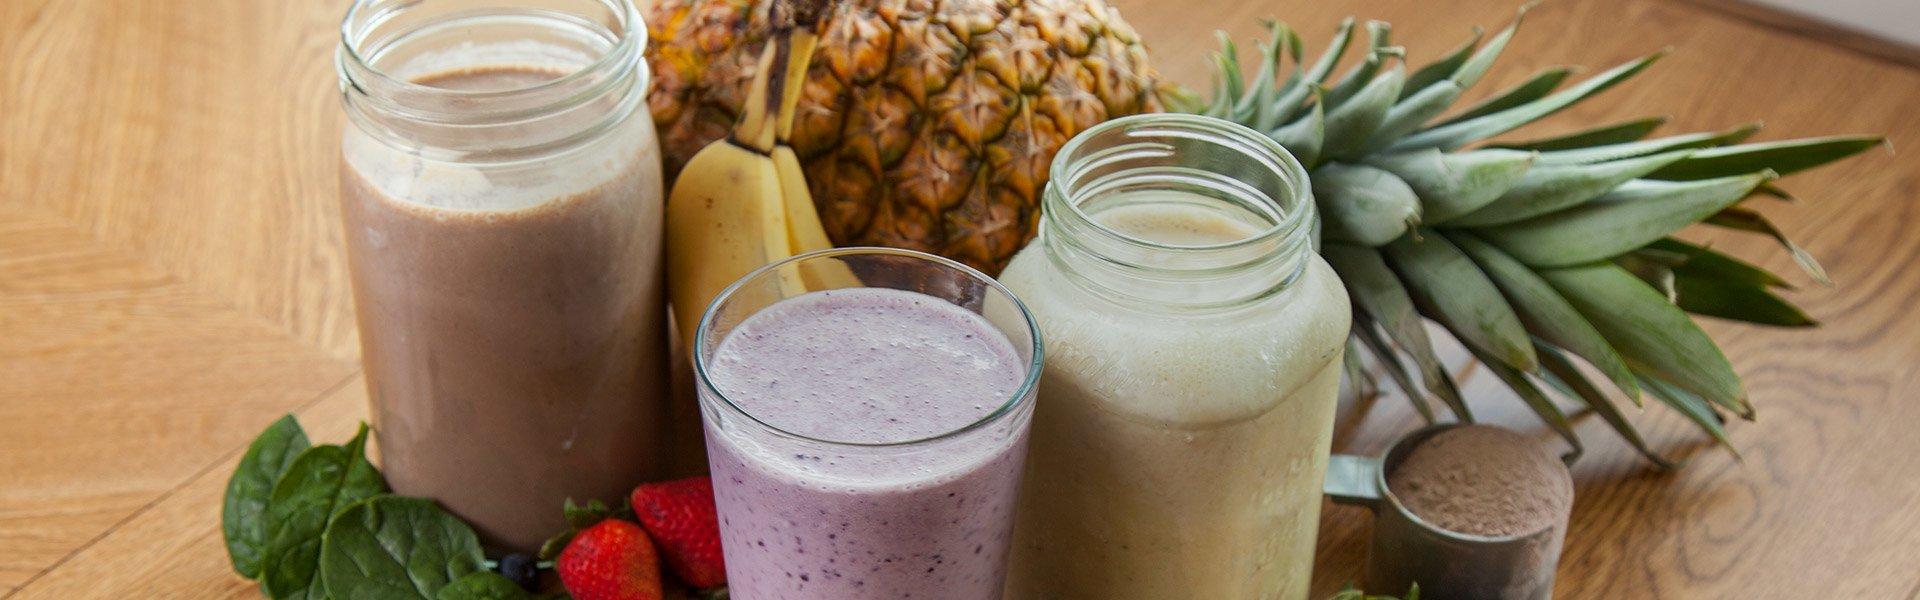 Протеиновые коктейли для роста мышц в домашних условиях 58